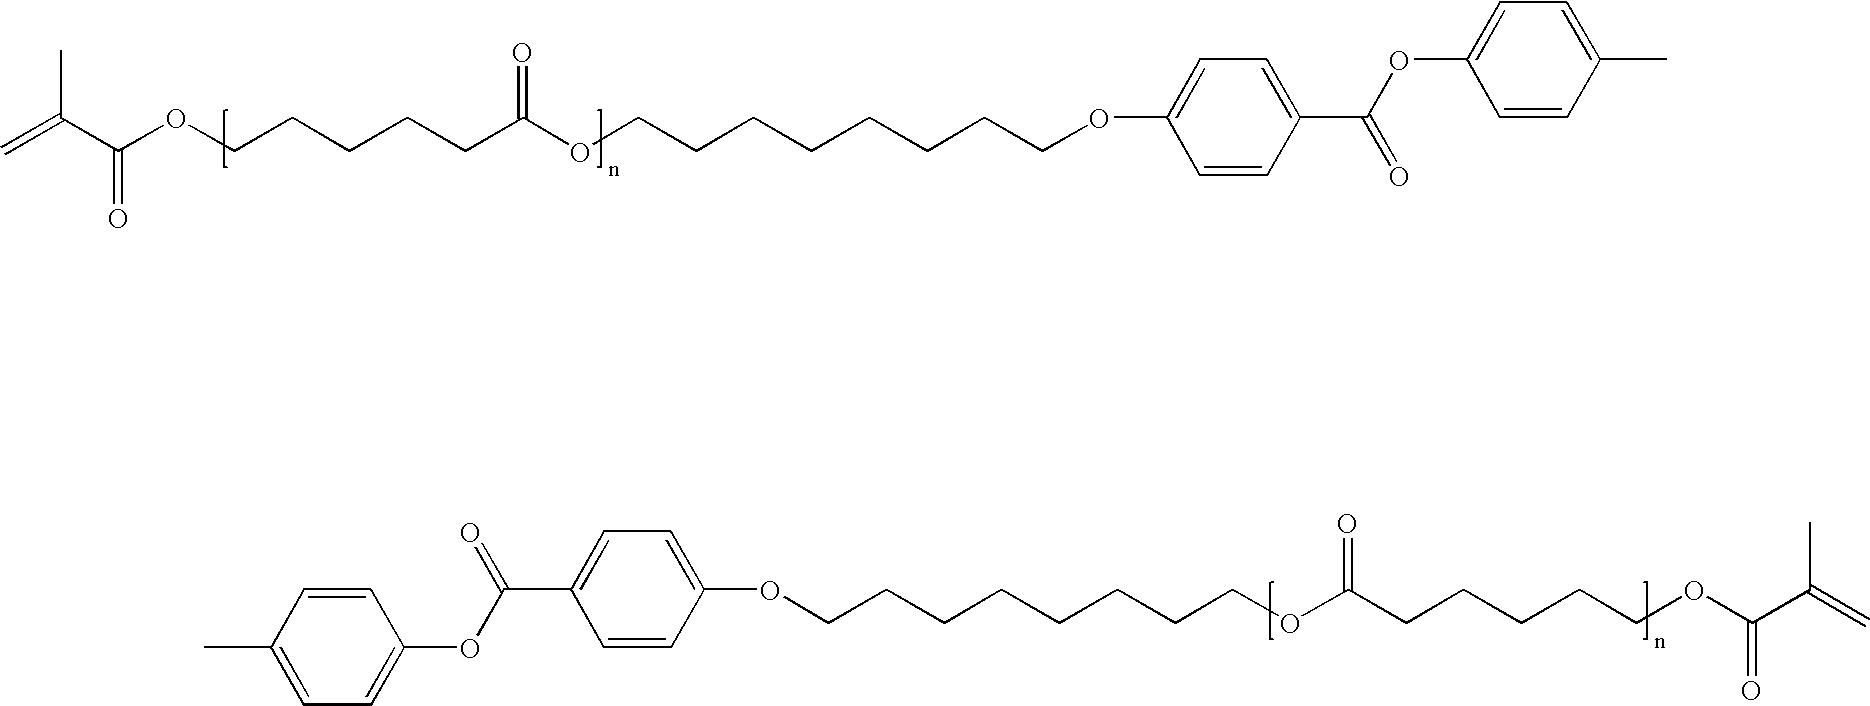 Figure US20100014010A1-20100121-C00091